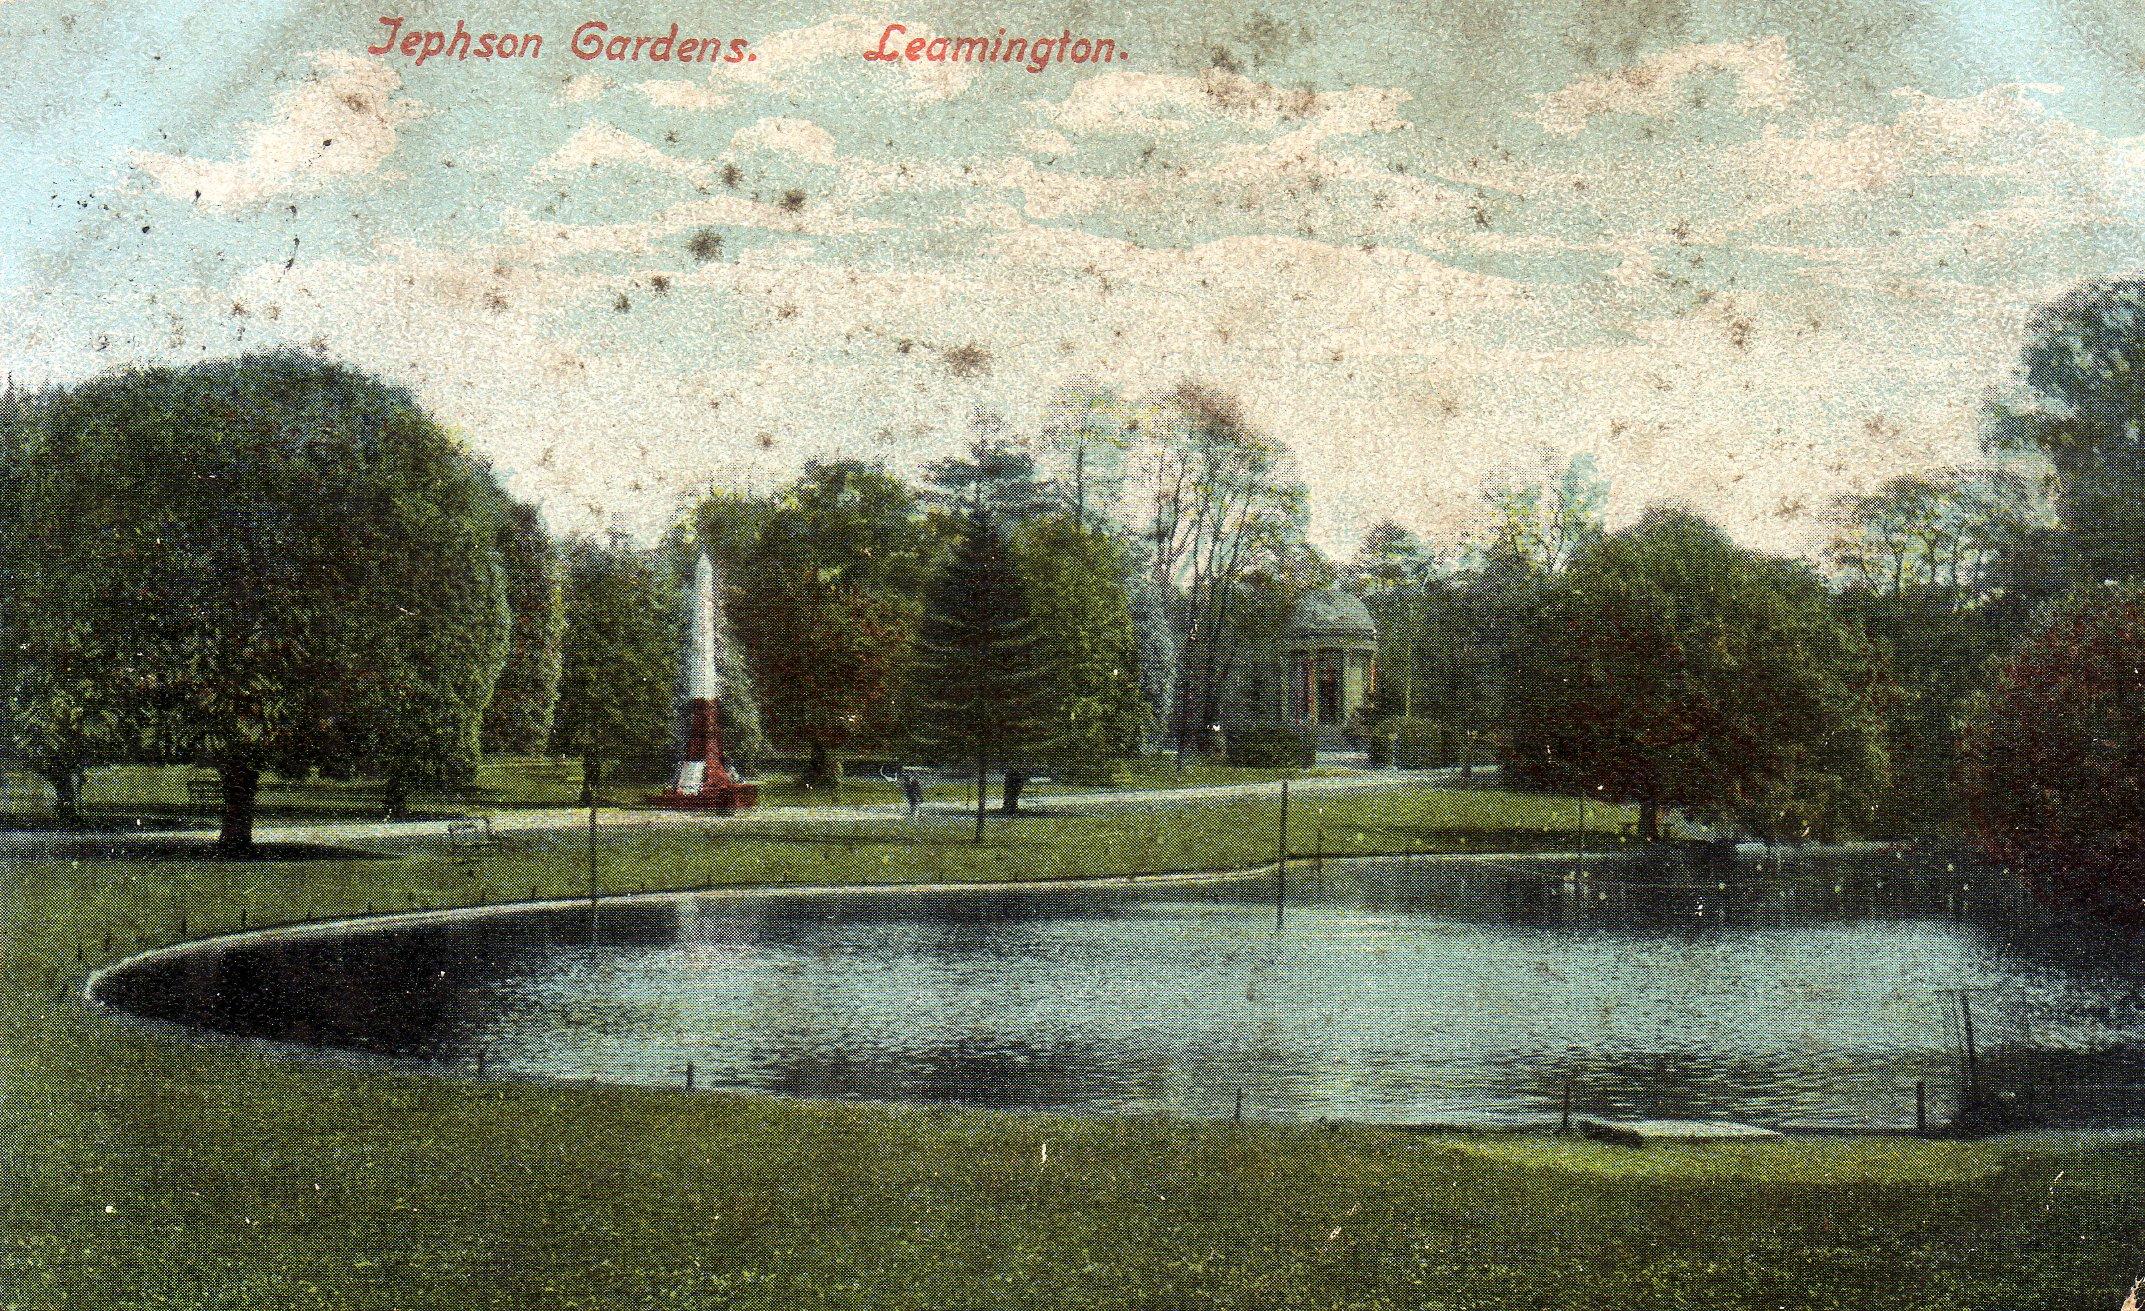 Jephson Gardens